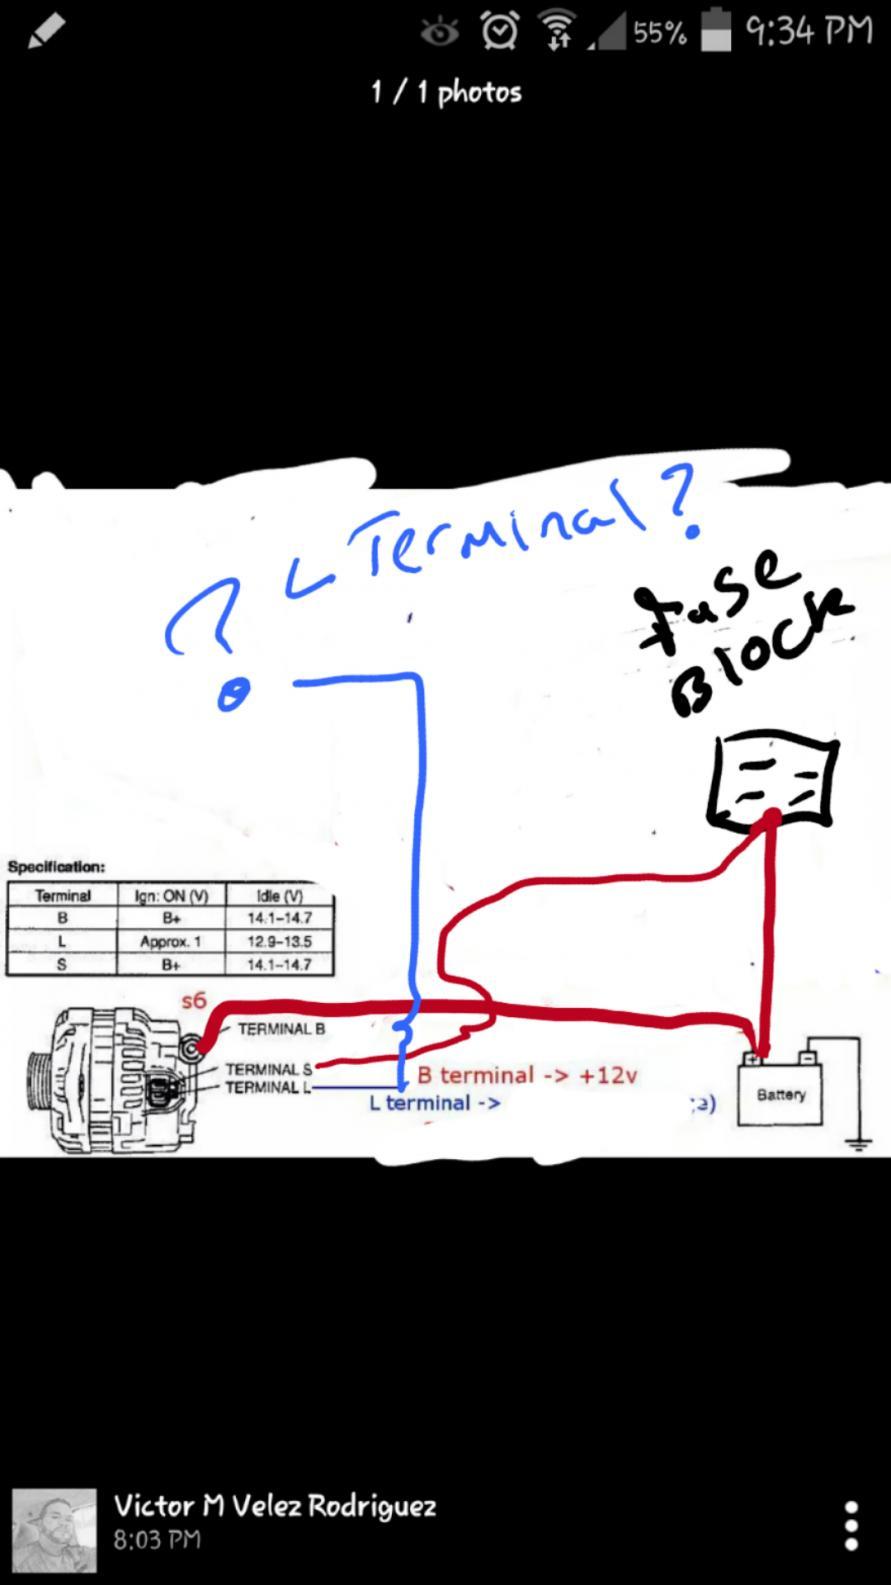 medium resolution of fd alternator wiring rx7club com mazda rx7 forum fd alternator wiring 2014 10 02 21 41